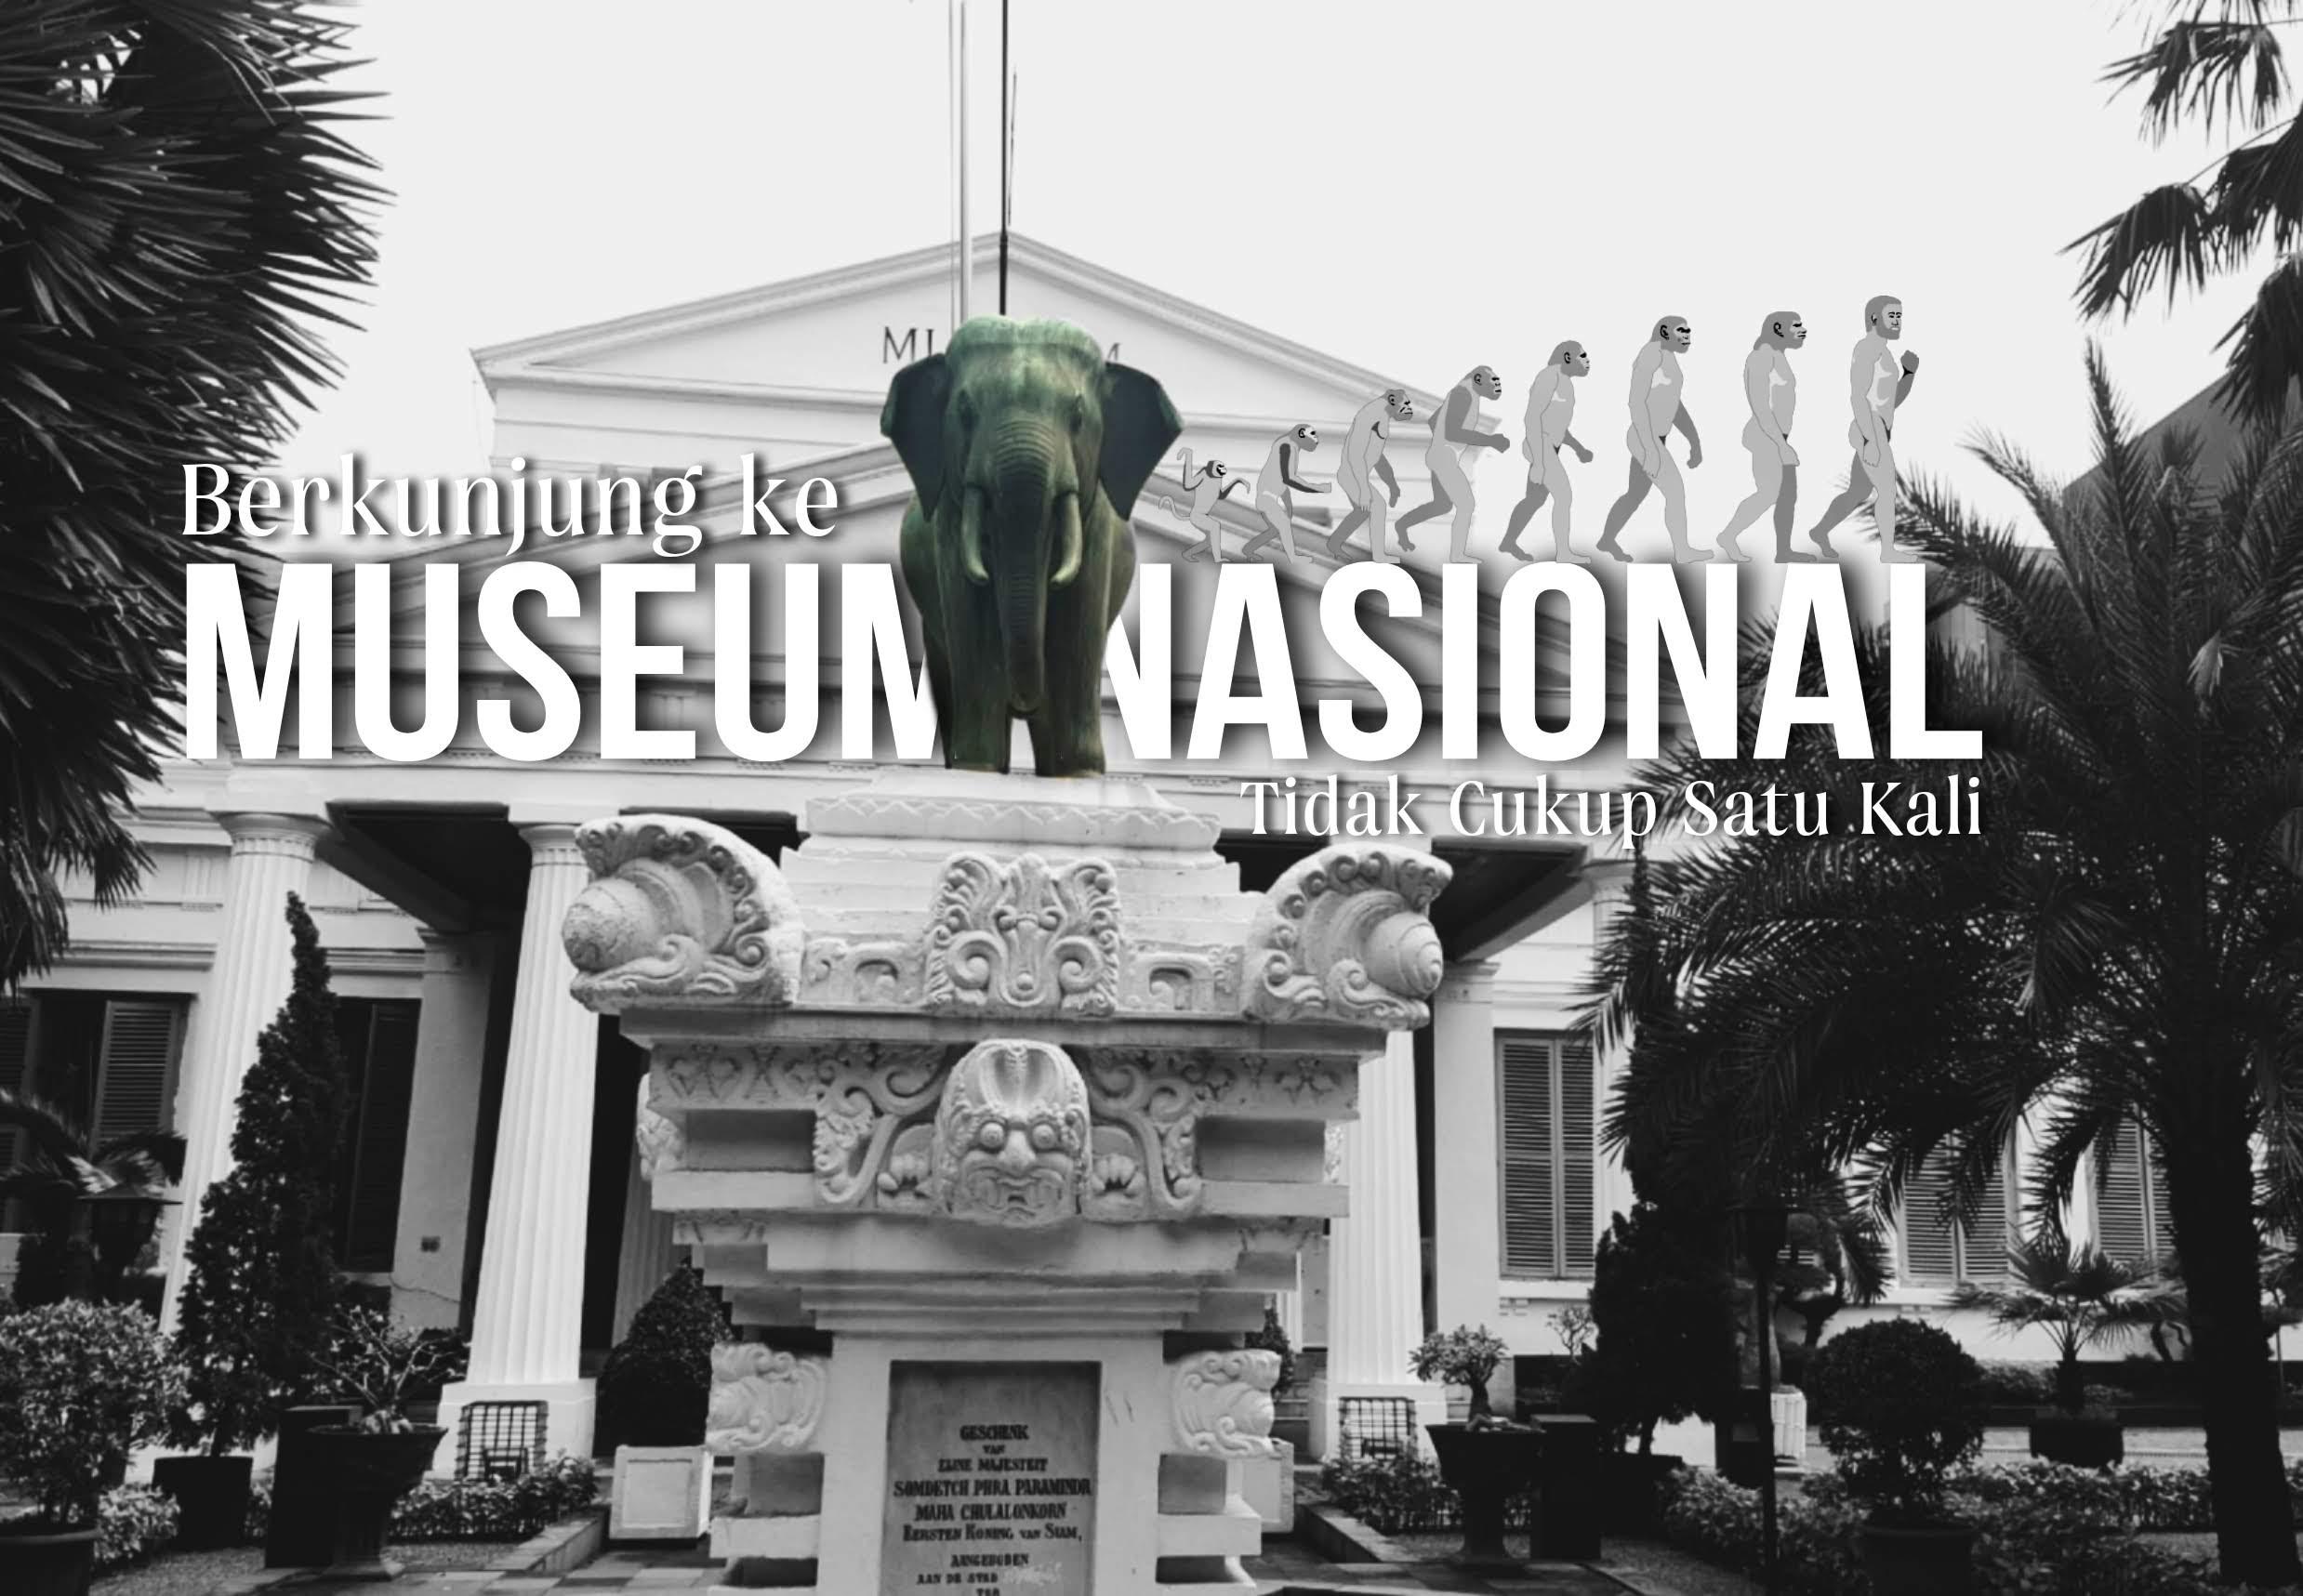 Berkunjung Ke Museum Nasional Tidak Cukup Satu Kali Catatan Anak Rantau